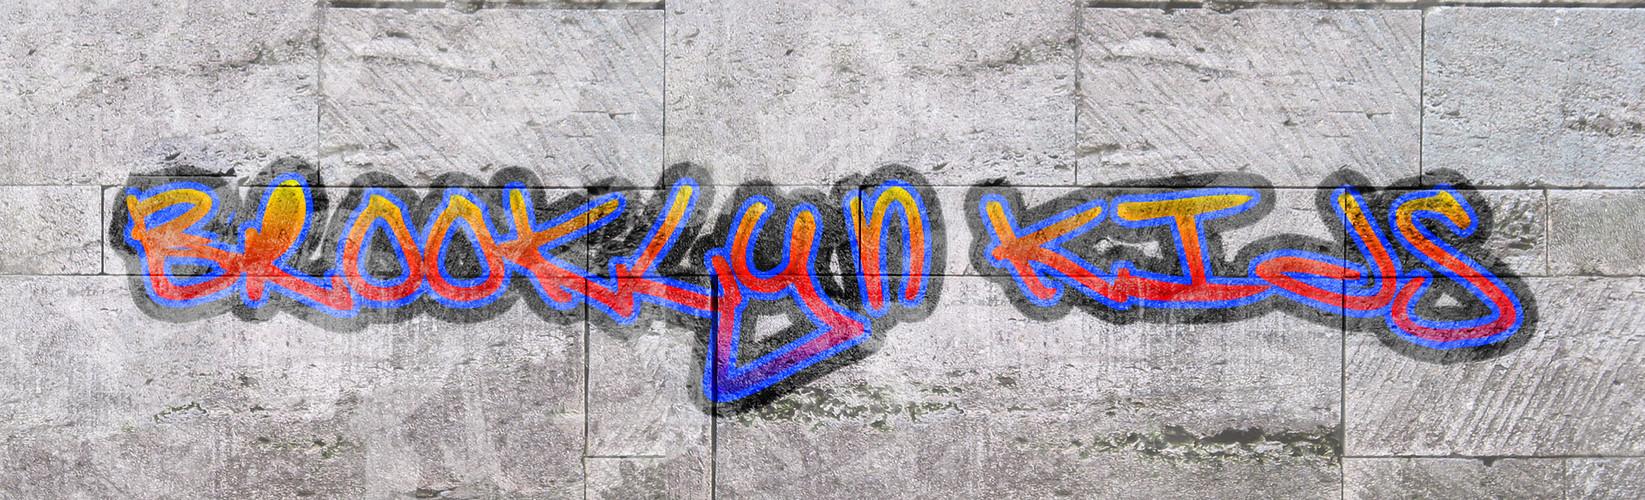 PS-Graffiti